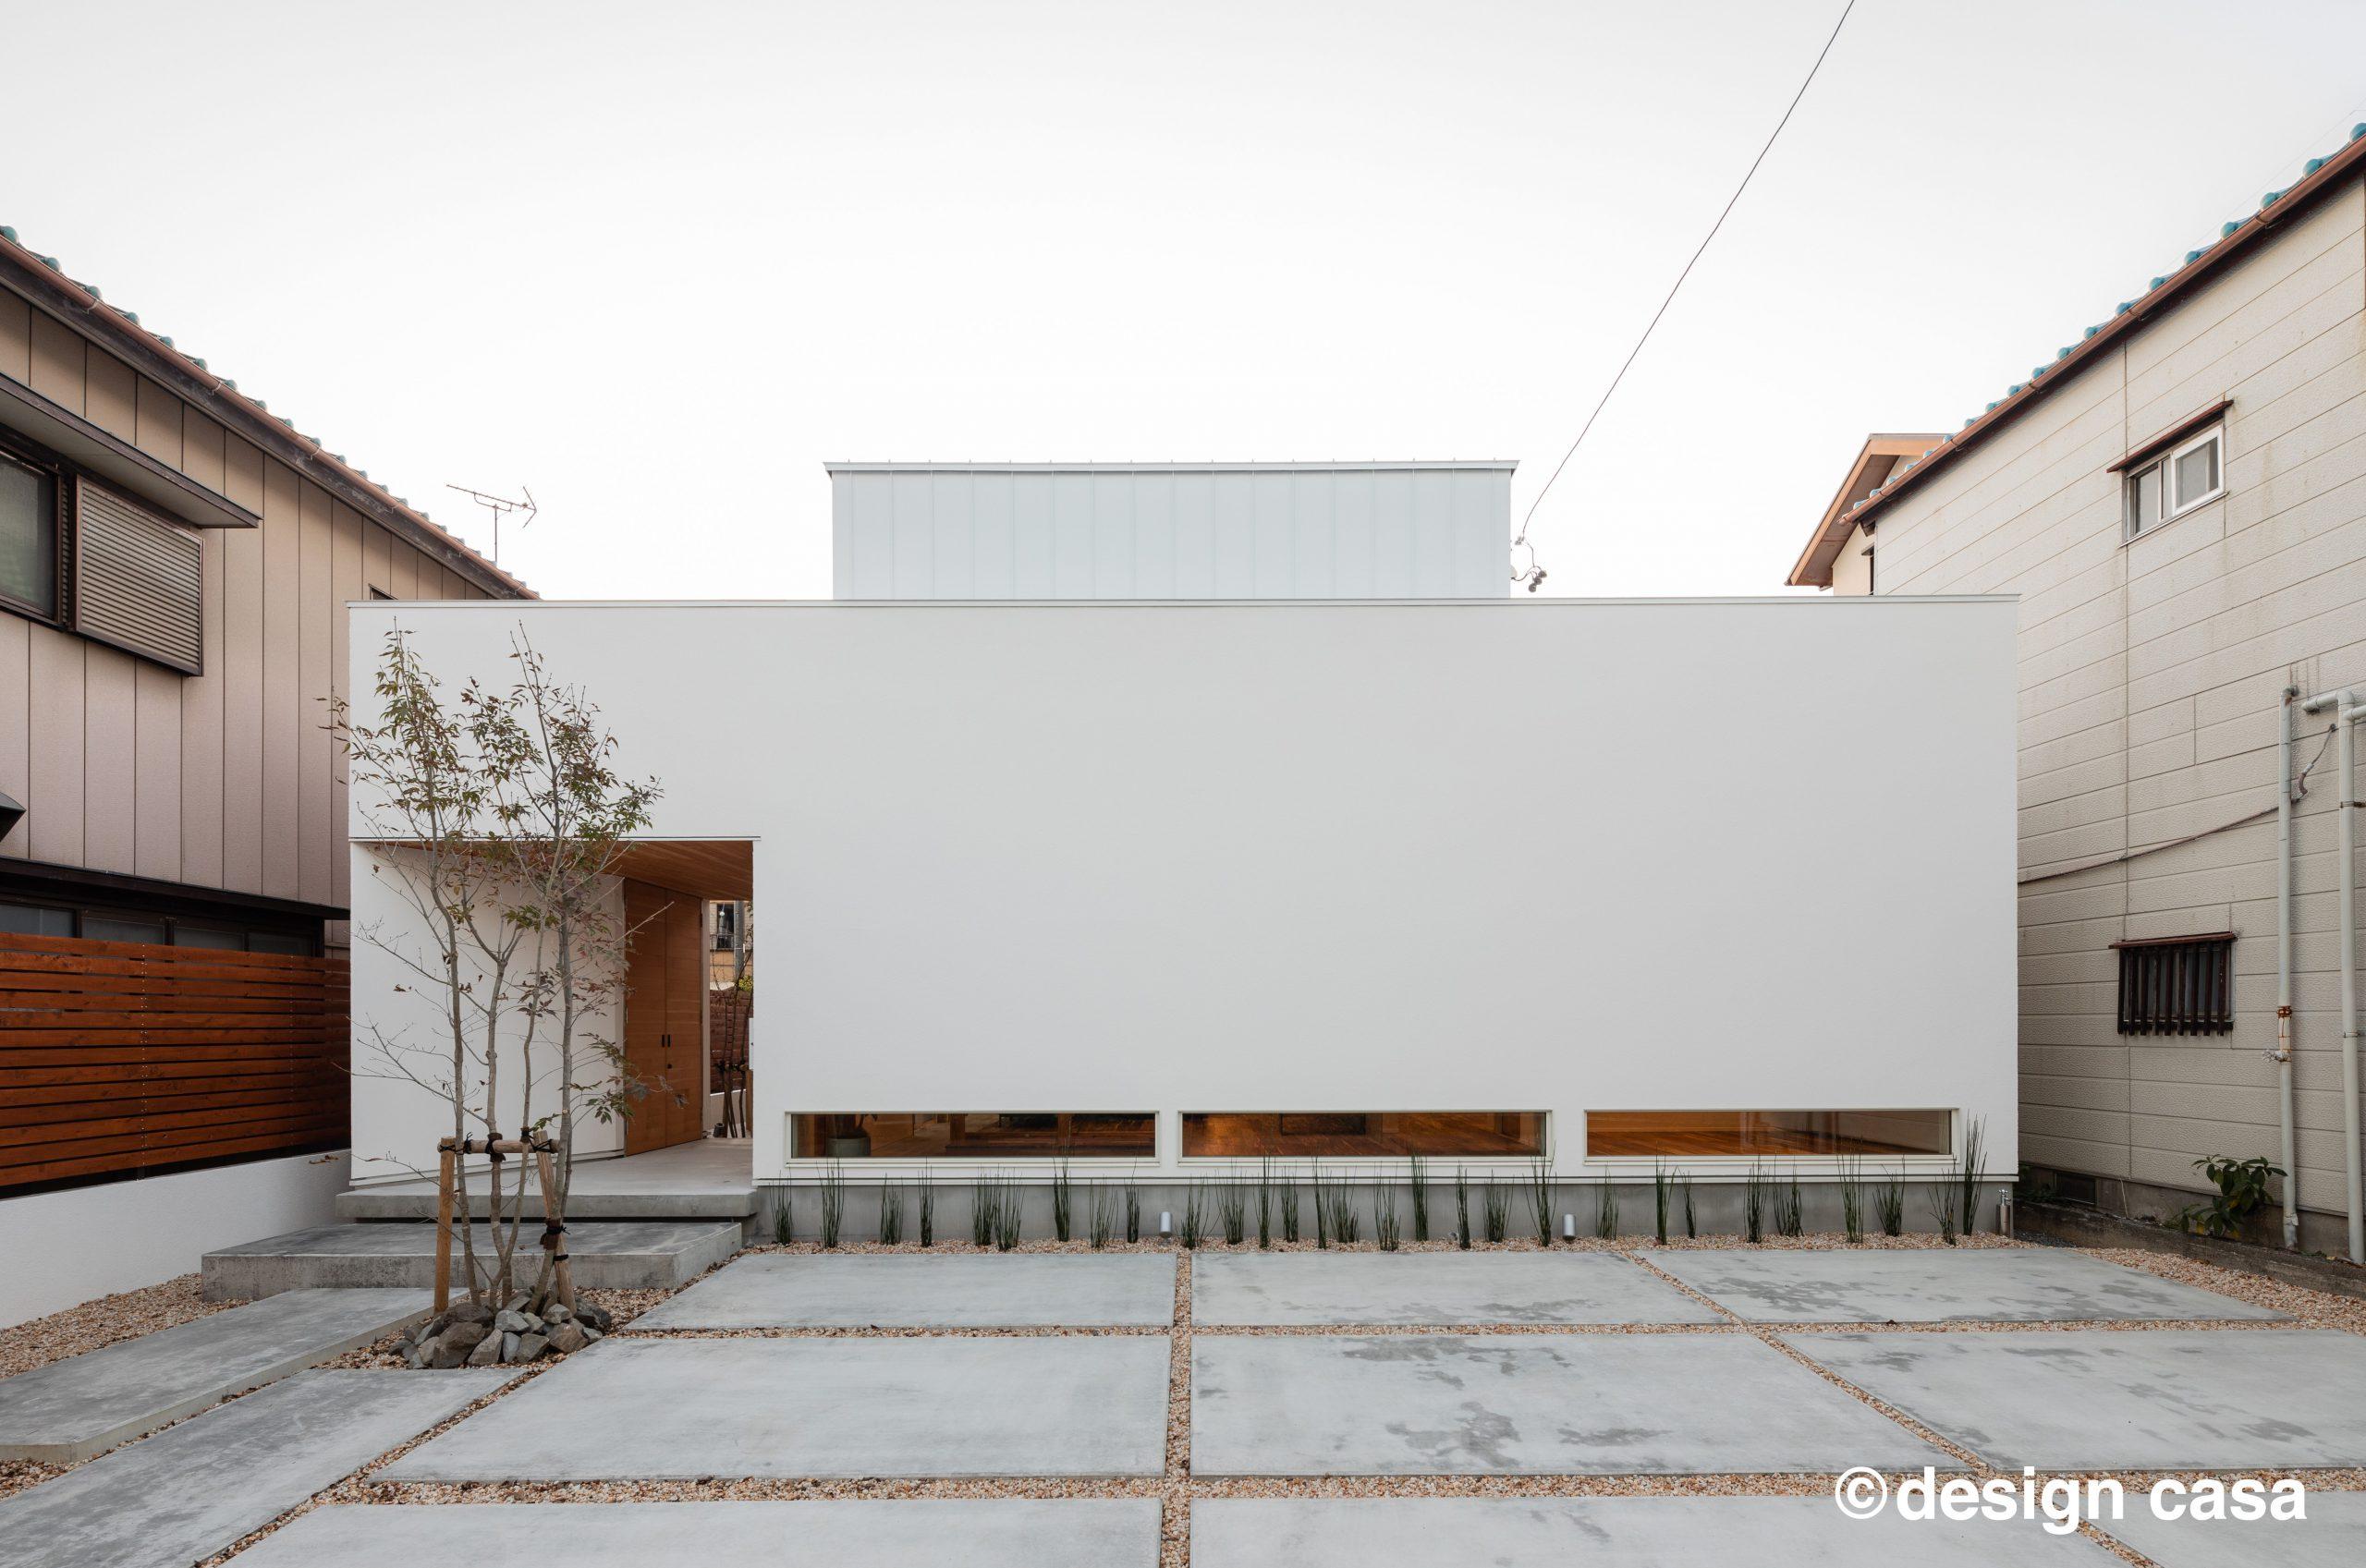 愛知の固定資産税の対象となる注文住宅の新築一戸建ての外観・エクステリアの画像集:シンプルな平屋の外観